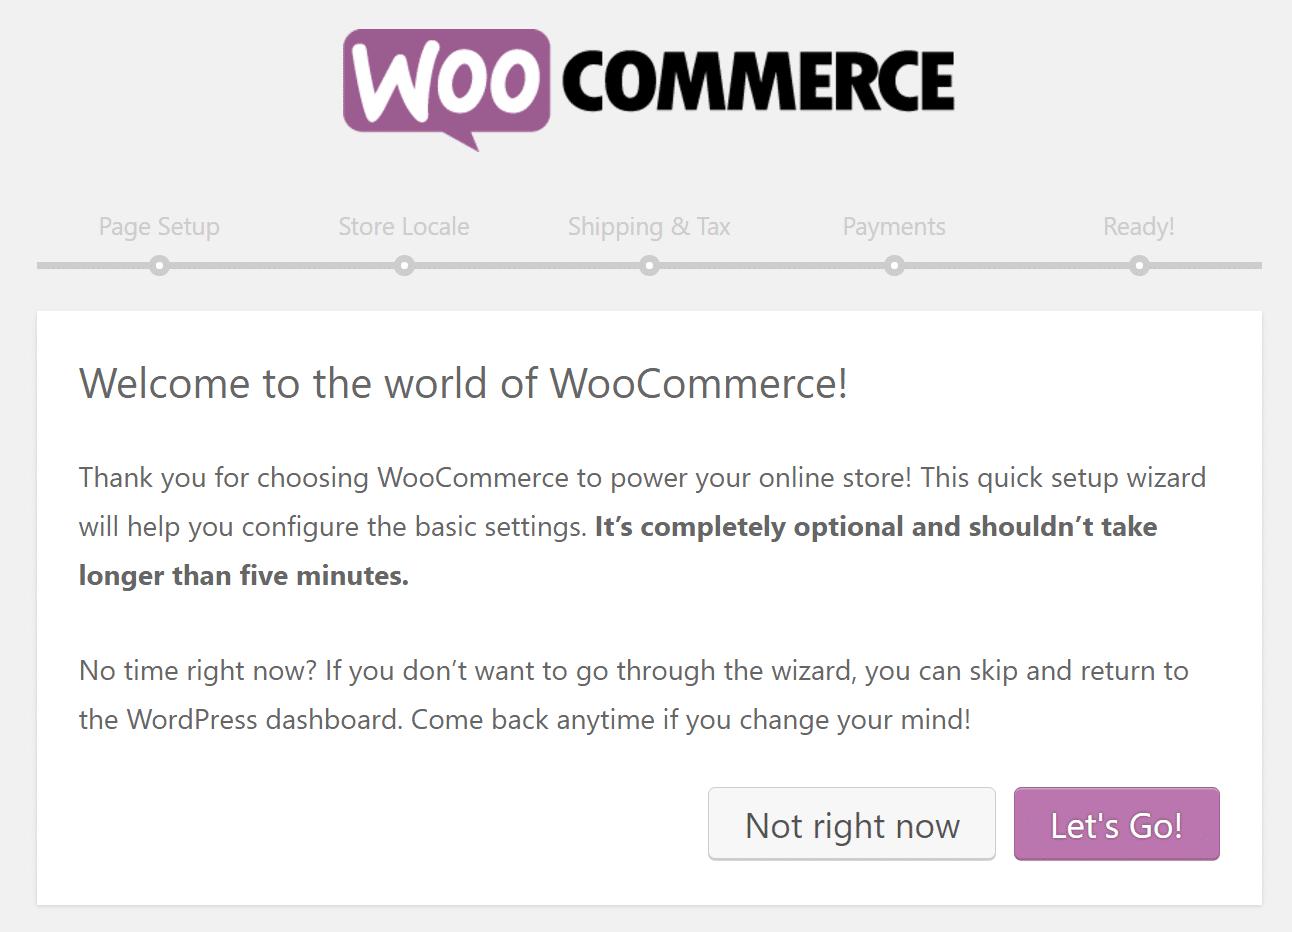 La configurazione guidata di WooCommerce